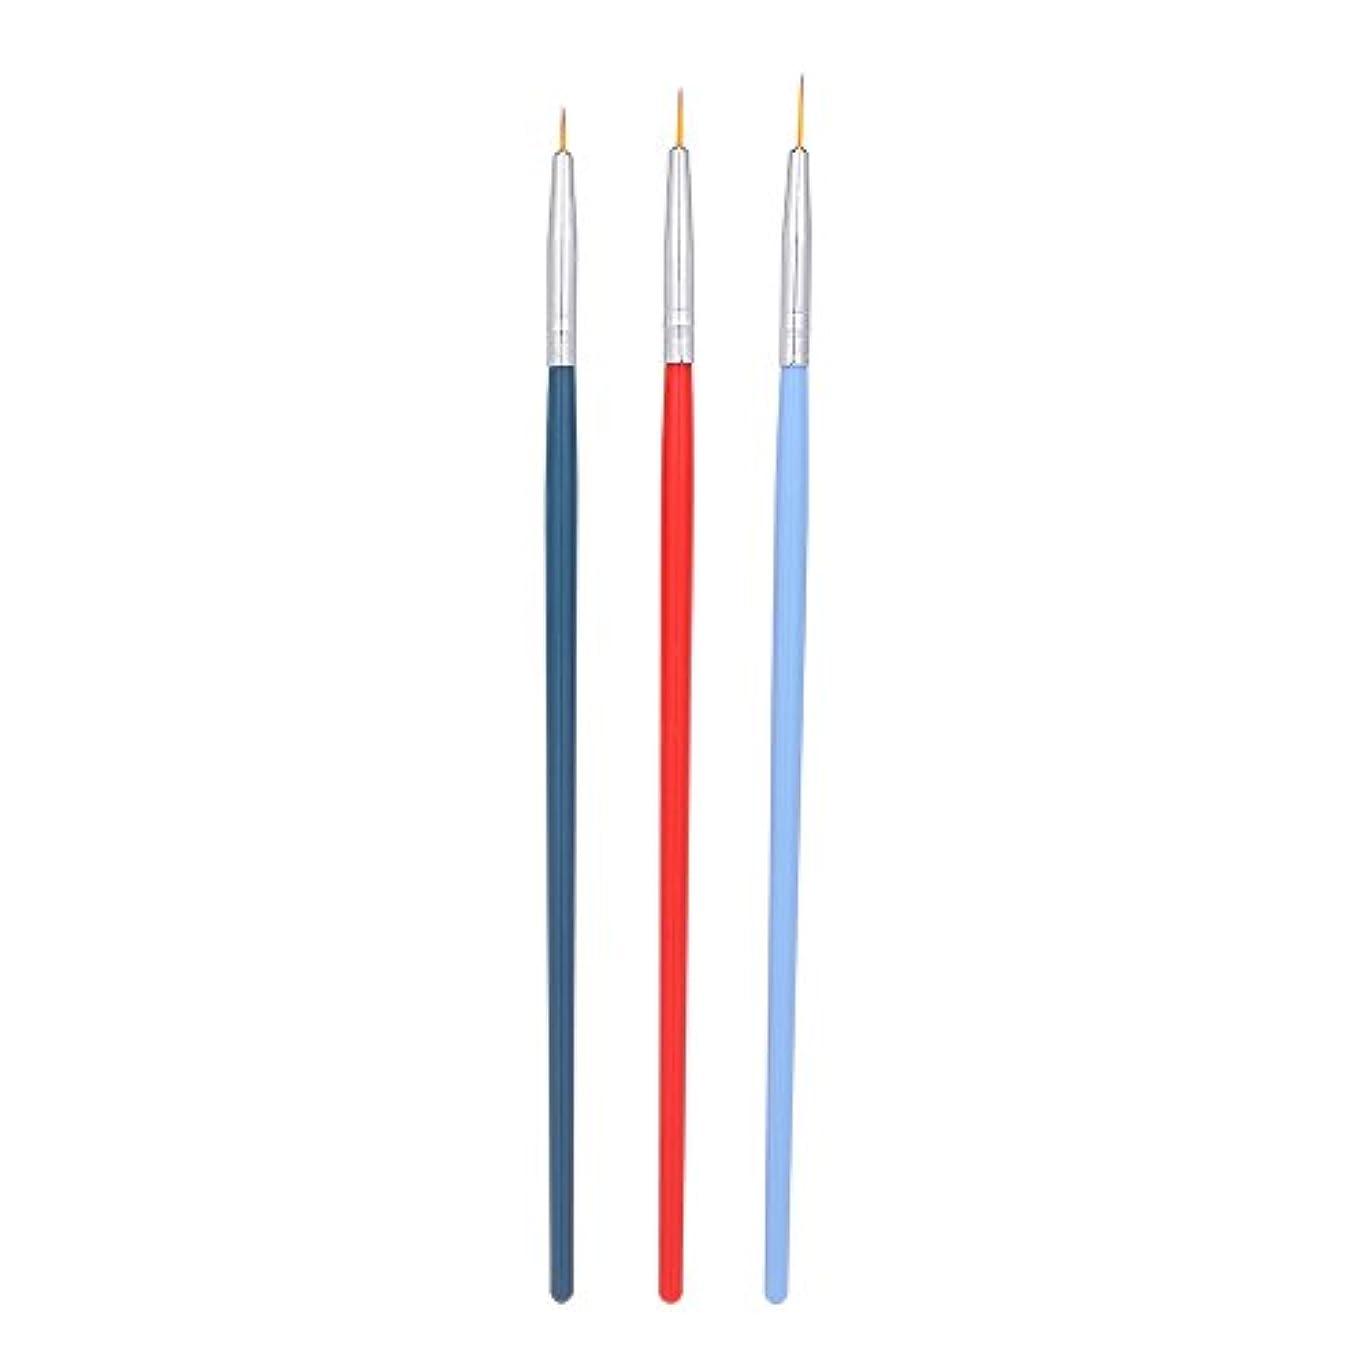 柱もっと少なくほこりっぽいDecdeal 3本 ネイルアートライナーブラシ ネイルブラシ ペン UVジェル塗装 セット マニキュア ネイルツール プラスチックハンドル